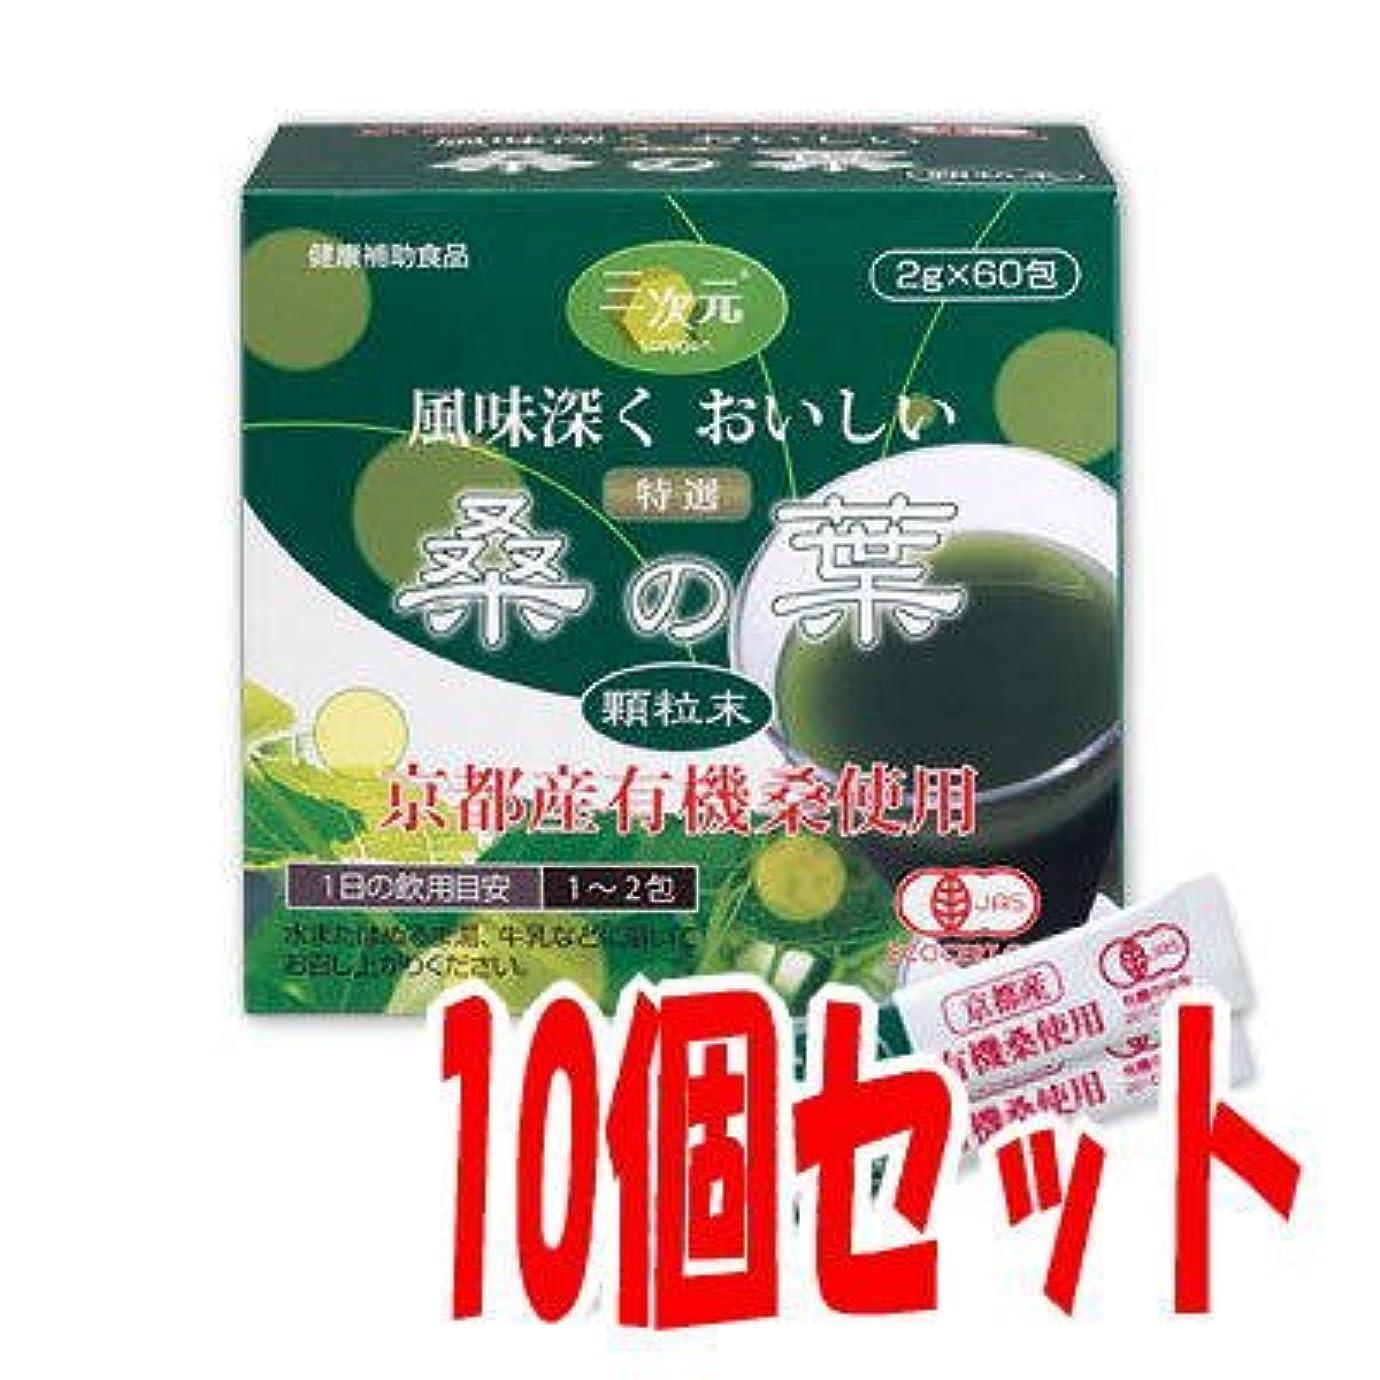 カップ階下慎重特選「桑の葉」顆粒末1箱60包入×10箱セット 国産(京都産)有機桑使用 苦くなく風味深くおいしい青汁